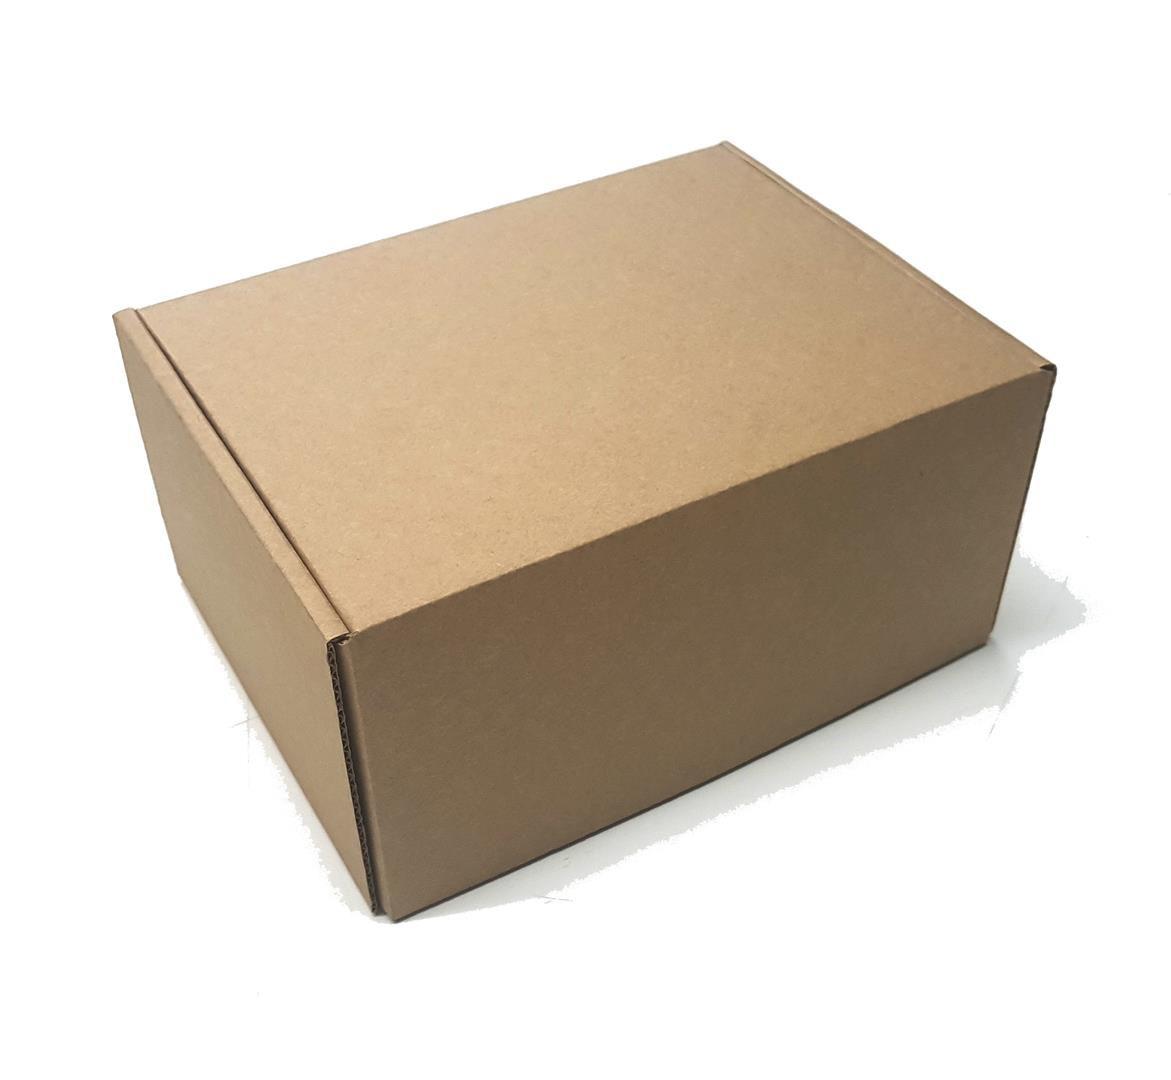 SEDEX Nº1 - Caixa de Transporte Correios - 18x13x8,5 cm - POS